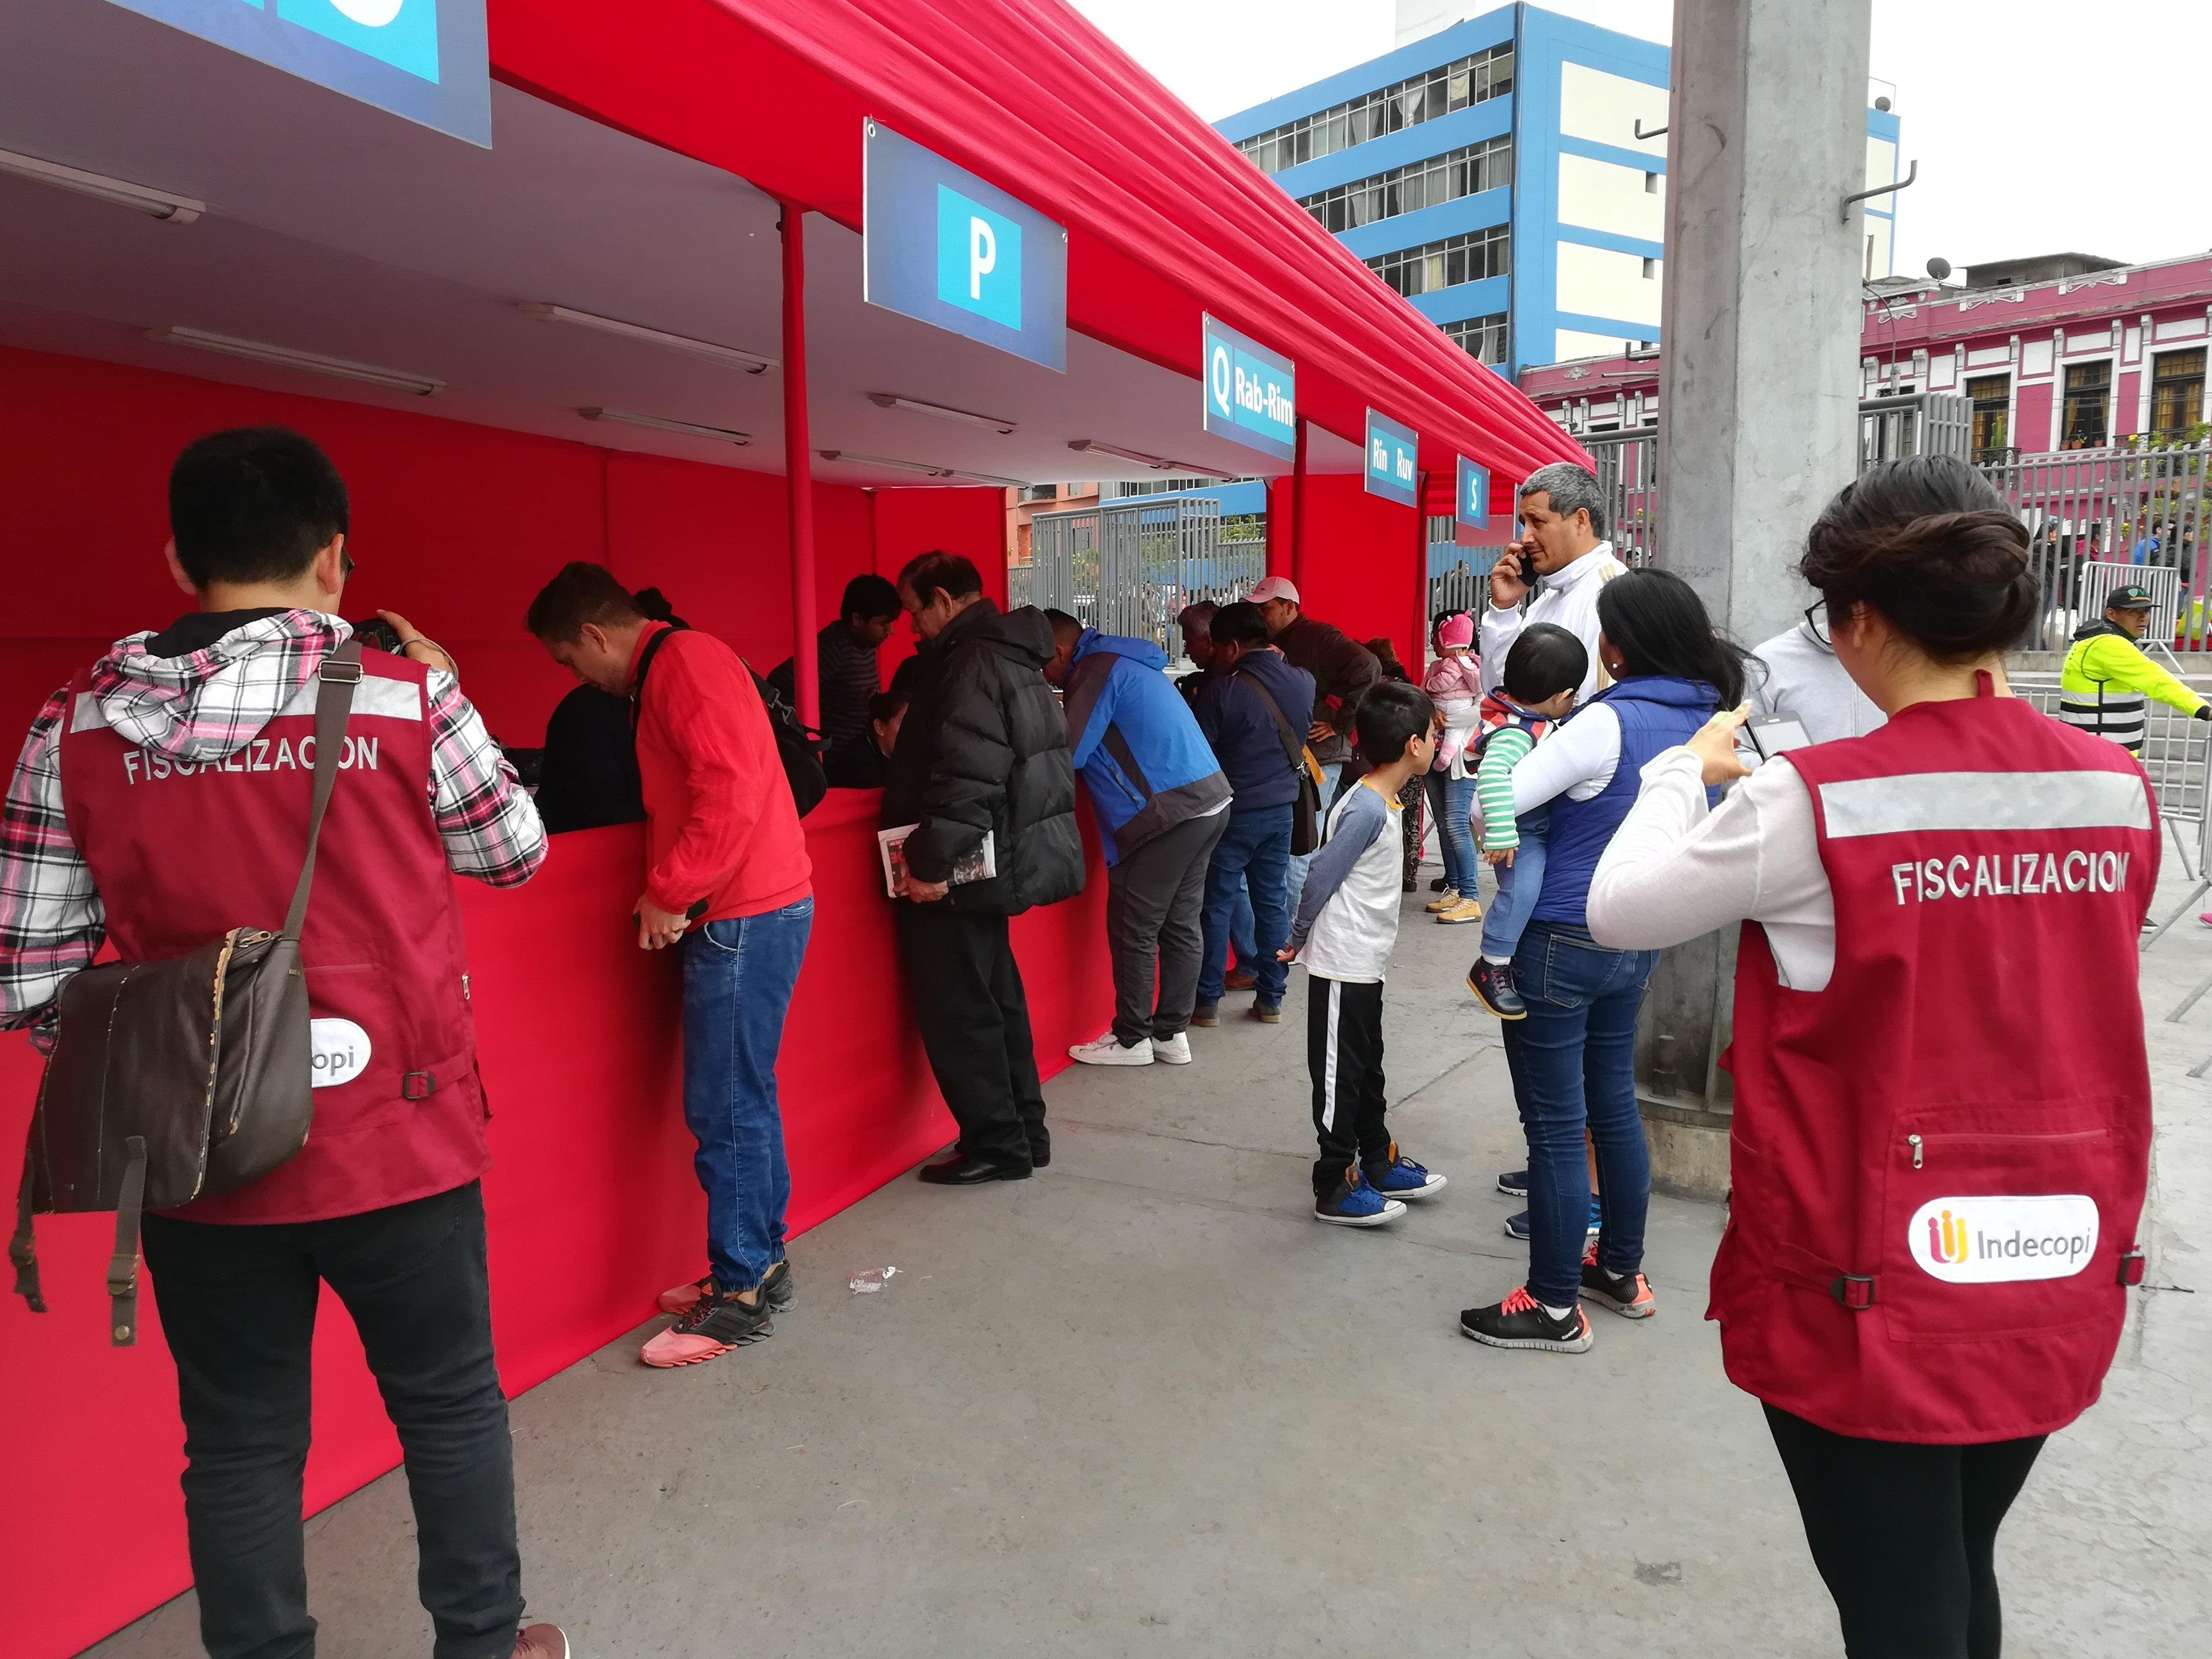 El Indecopi fiscaliza proceso de entrega de entradas a las personas que ganaron sorteo para asistir al partido Perú – Nueva Zelanda